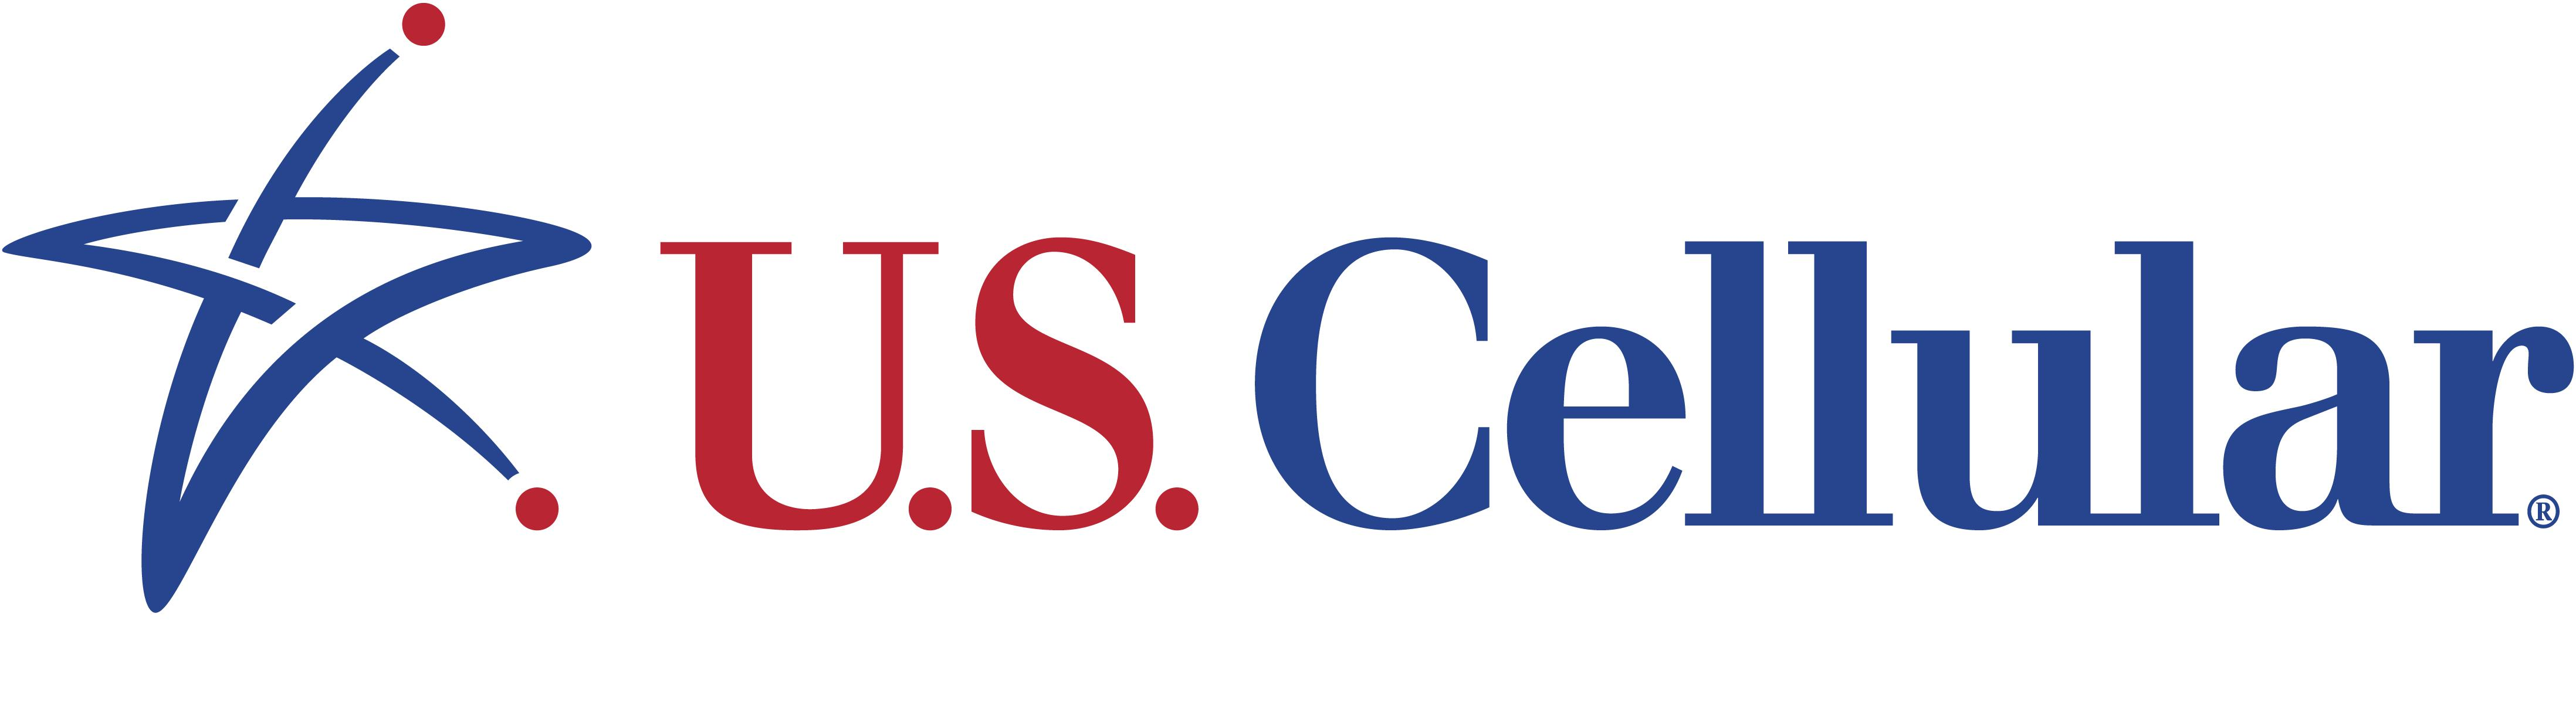 United States Cellular Corporation logo